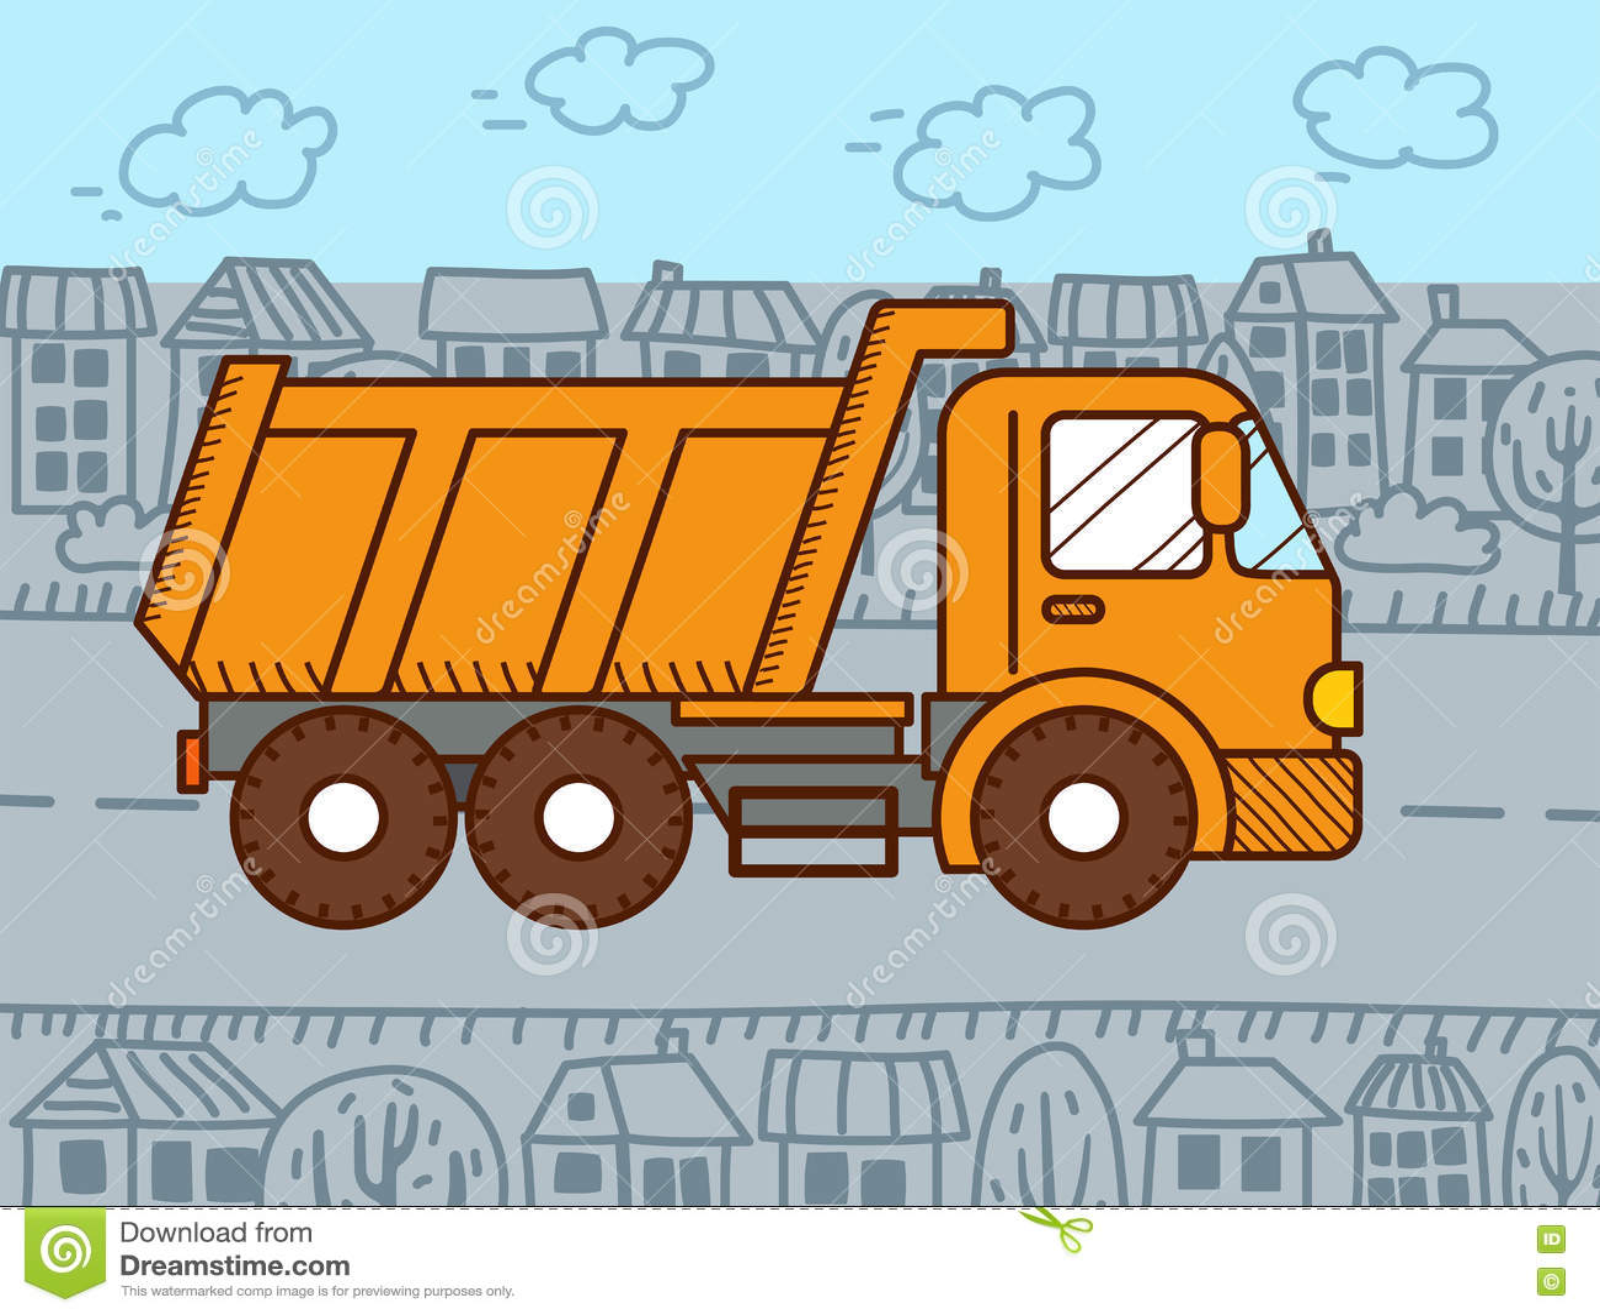 Camion A Benne Basculante De Dessin Anime De Vecteur Illustration De Vecteur Illustration Du Camion Anime 72358732